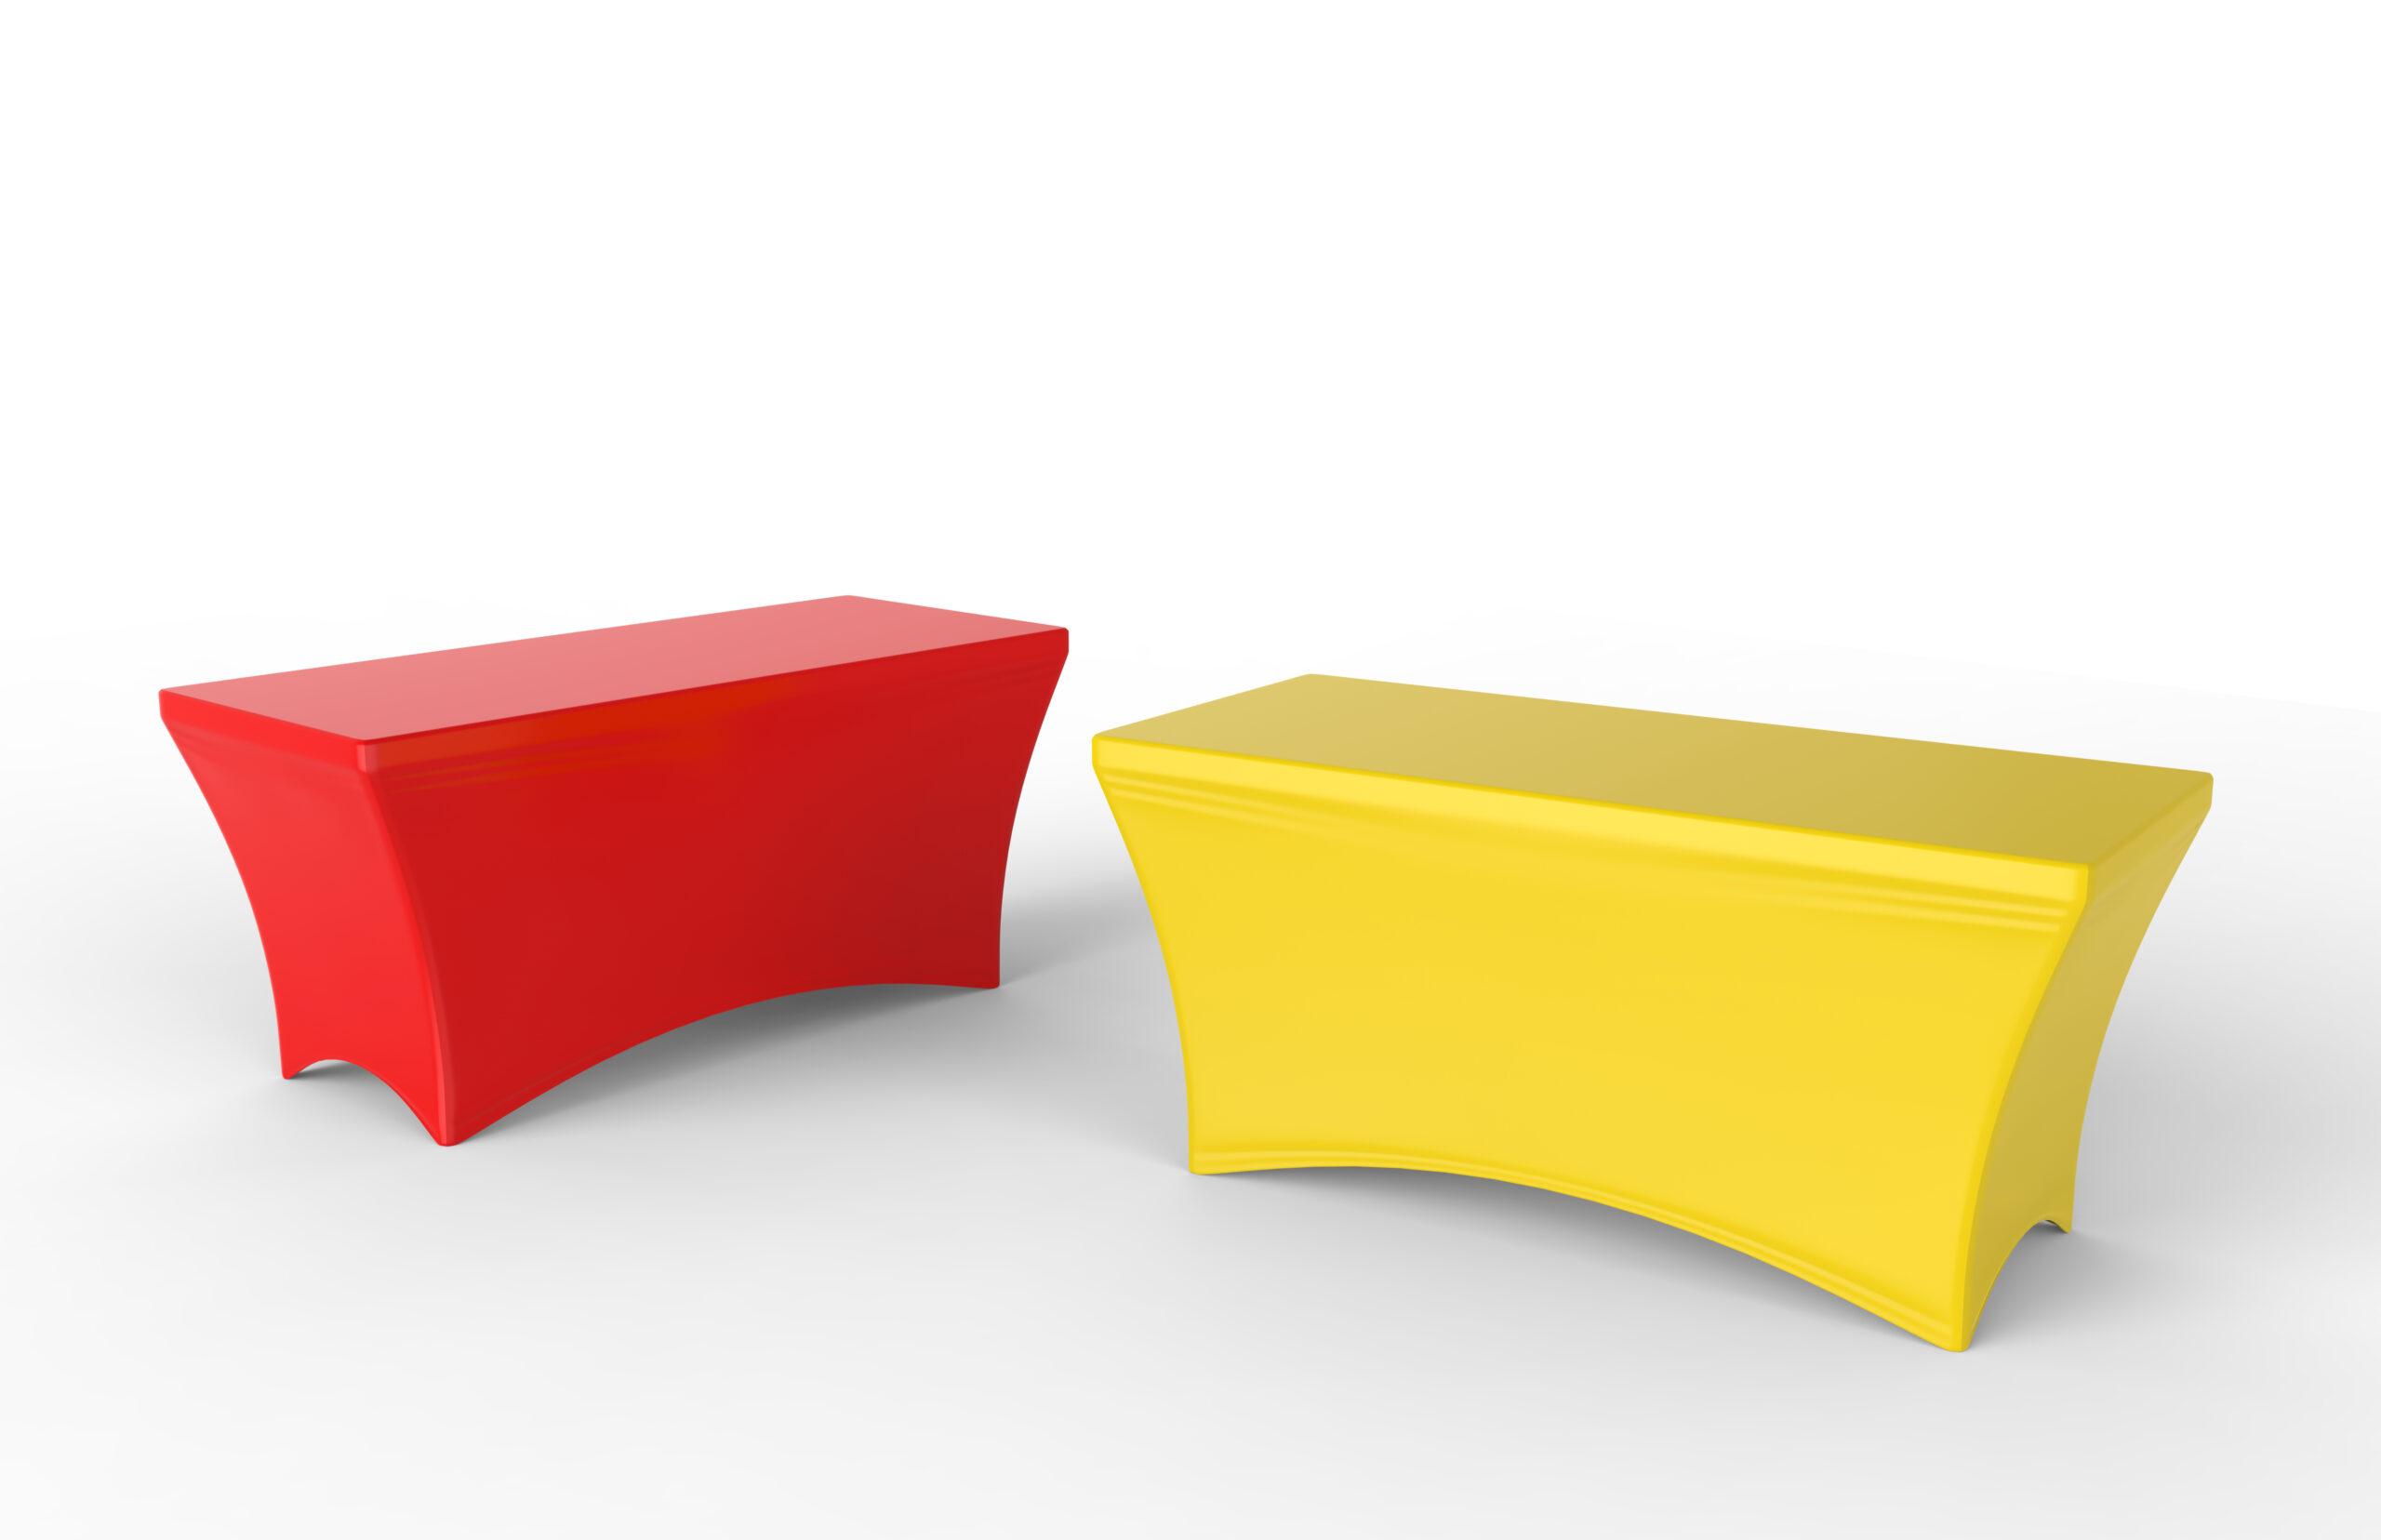 Mantel publicitario de exposición en blanco usado Cubierta de mesa de Spandex de comedor. Ilustración de render 3d.